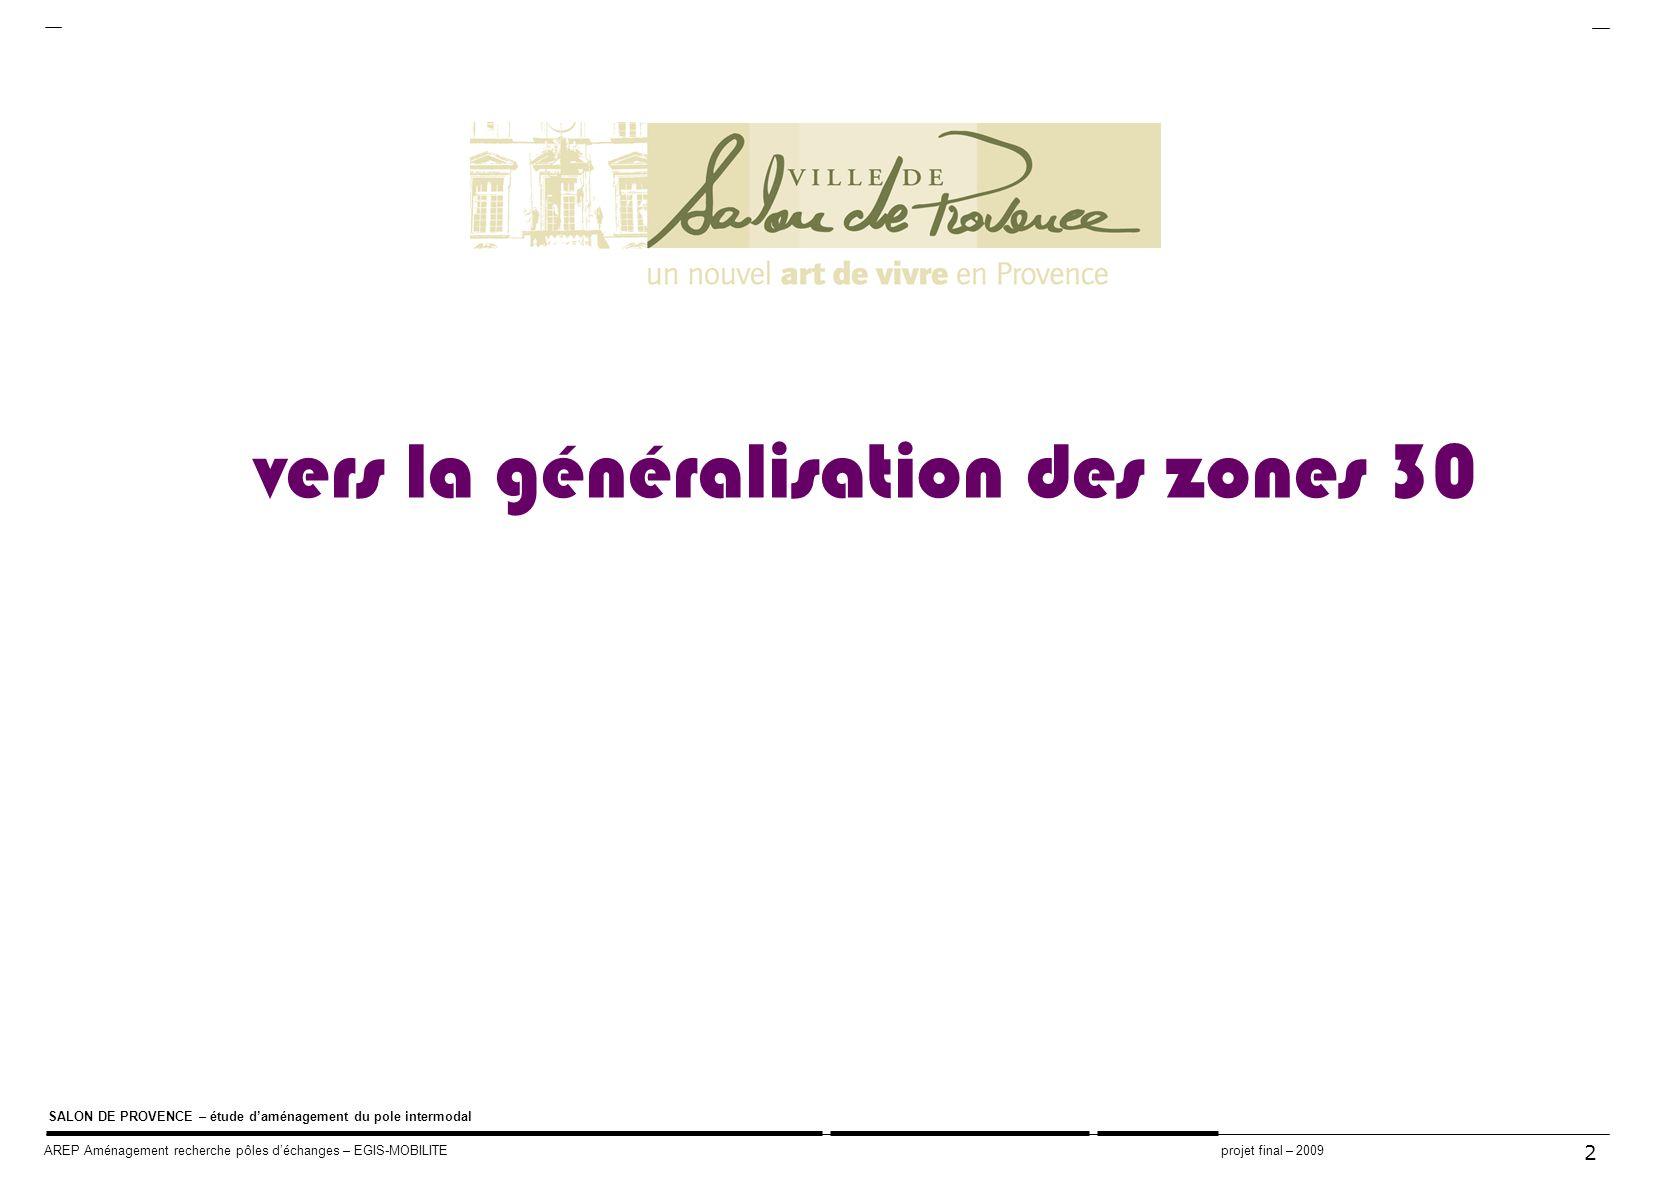 vers la généralisation des zones 30